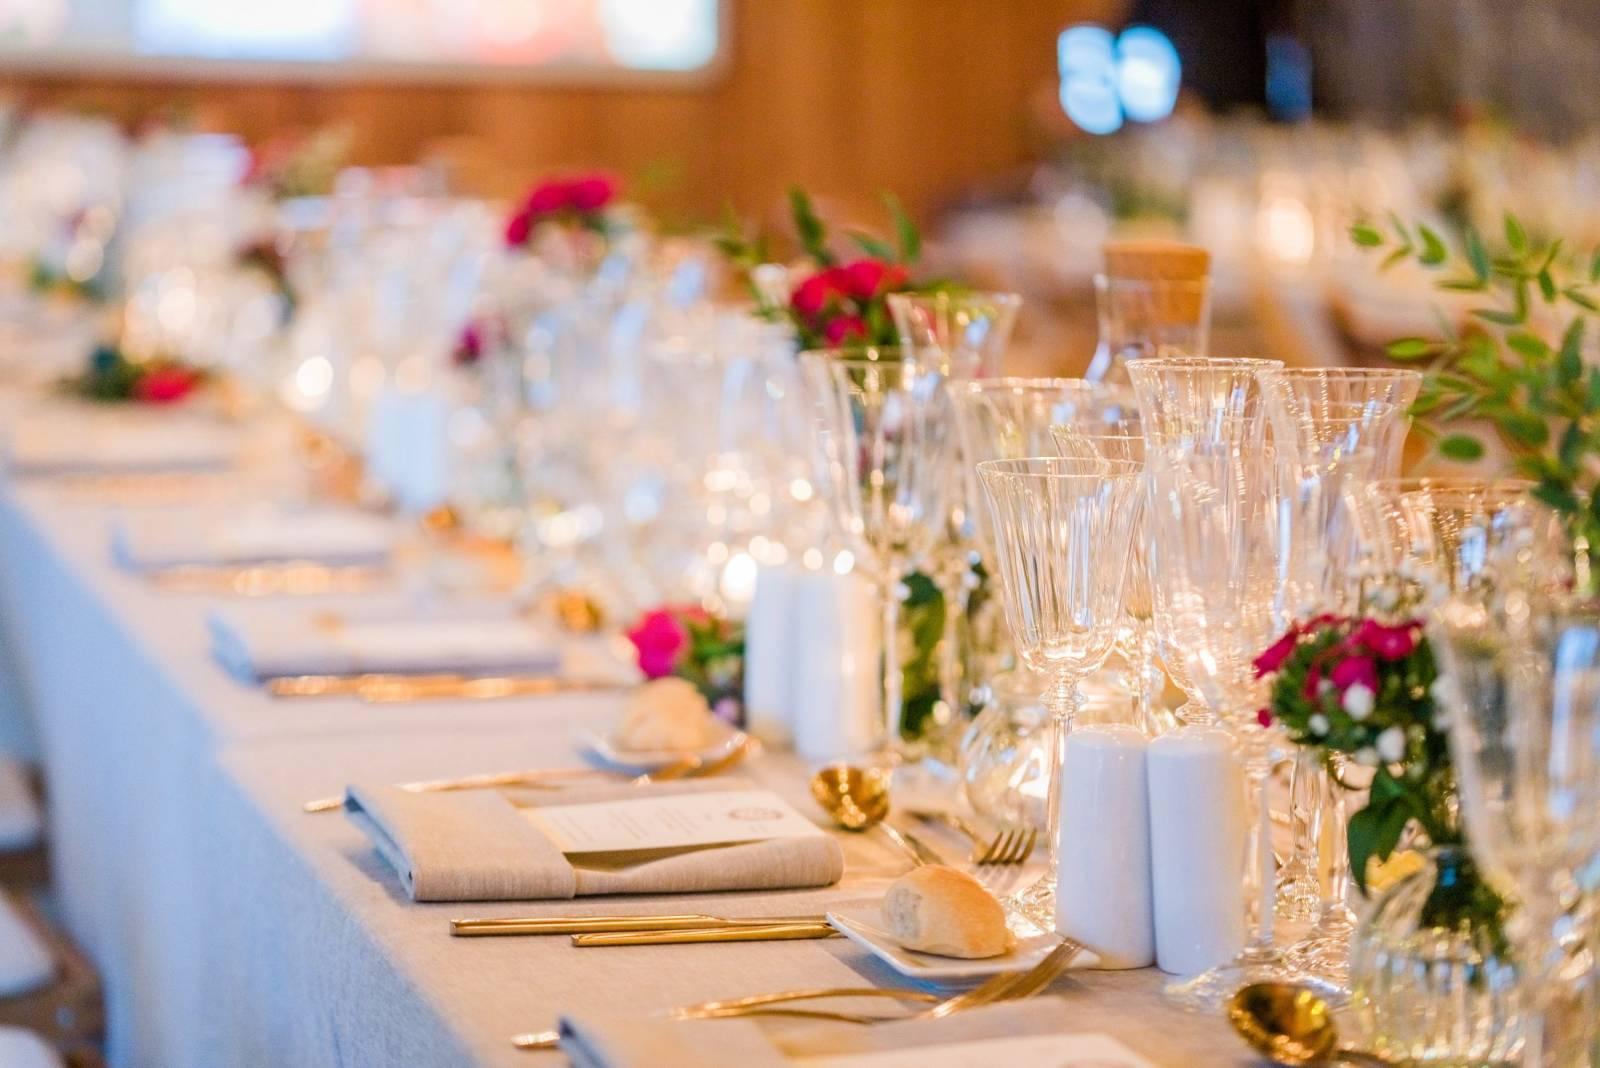 Biorganic - Catering - Cateraar - Traiteur - Biologisch - House of Weddings - 16